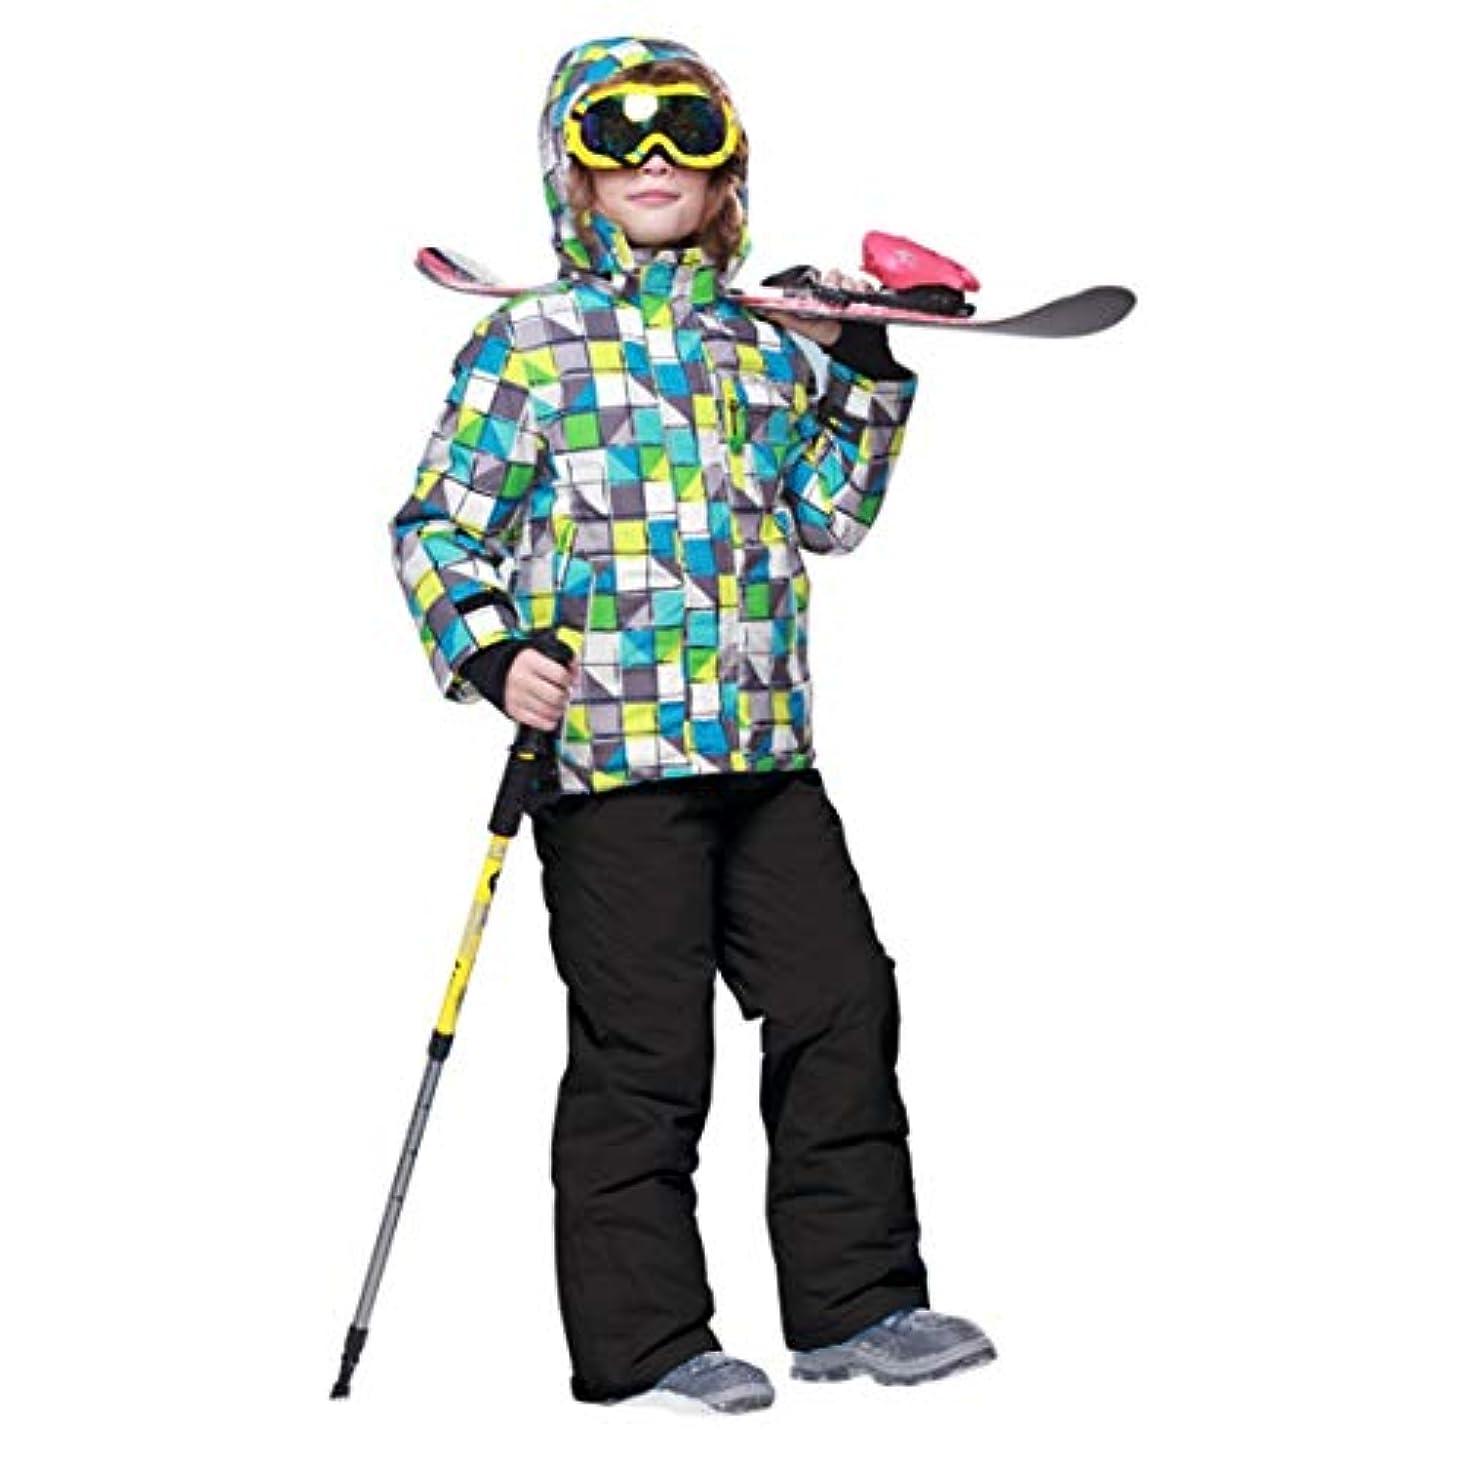 各教会ジャズ子供キッズボーイズ/ガールズスキースーツ防水パンツ+ジャケットセットウィンタースポーツ厚手の服子供用スキースーツ-黒158/164